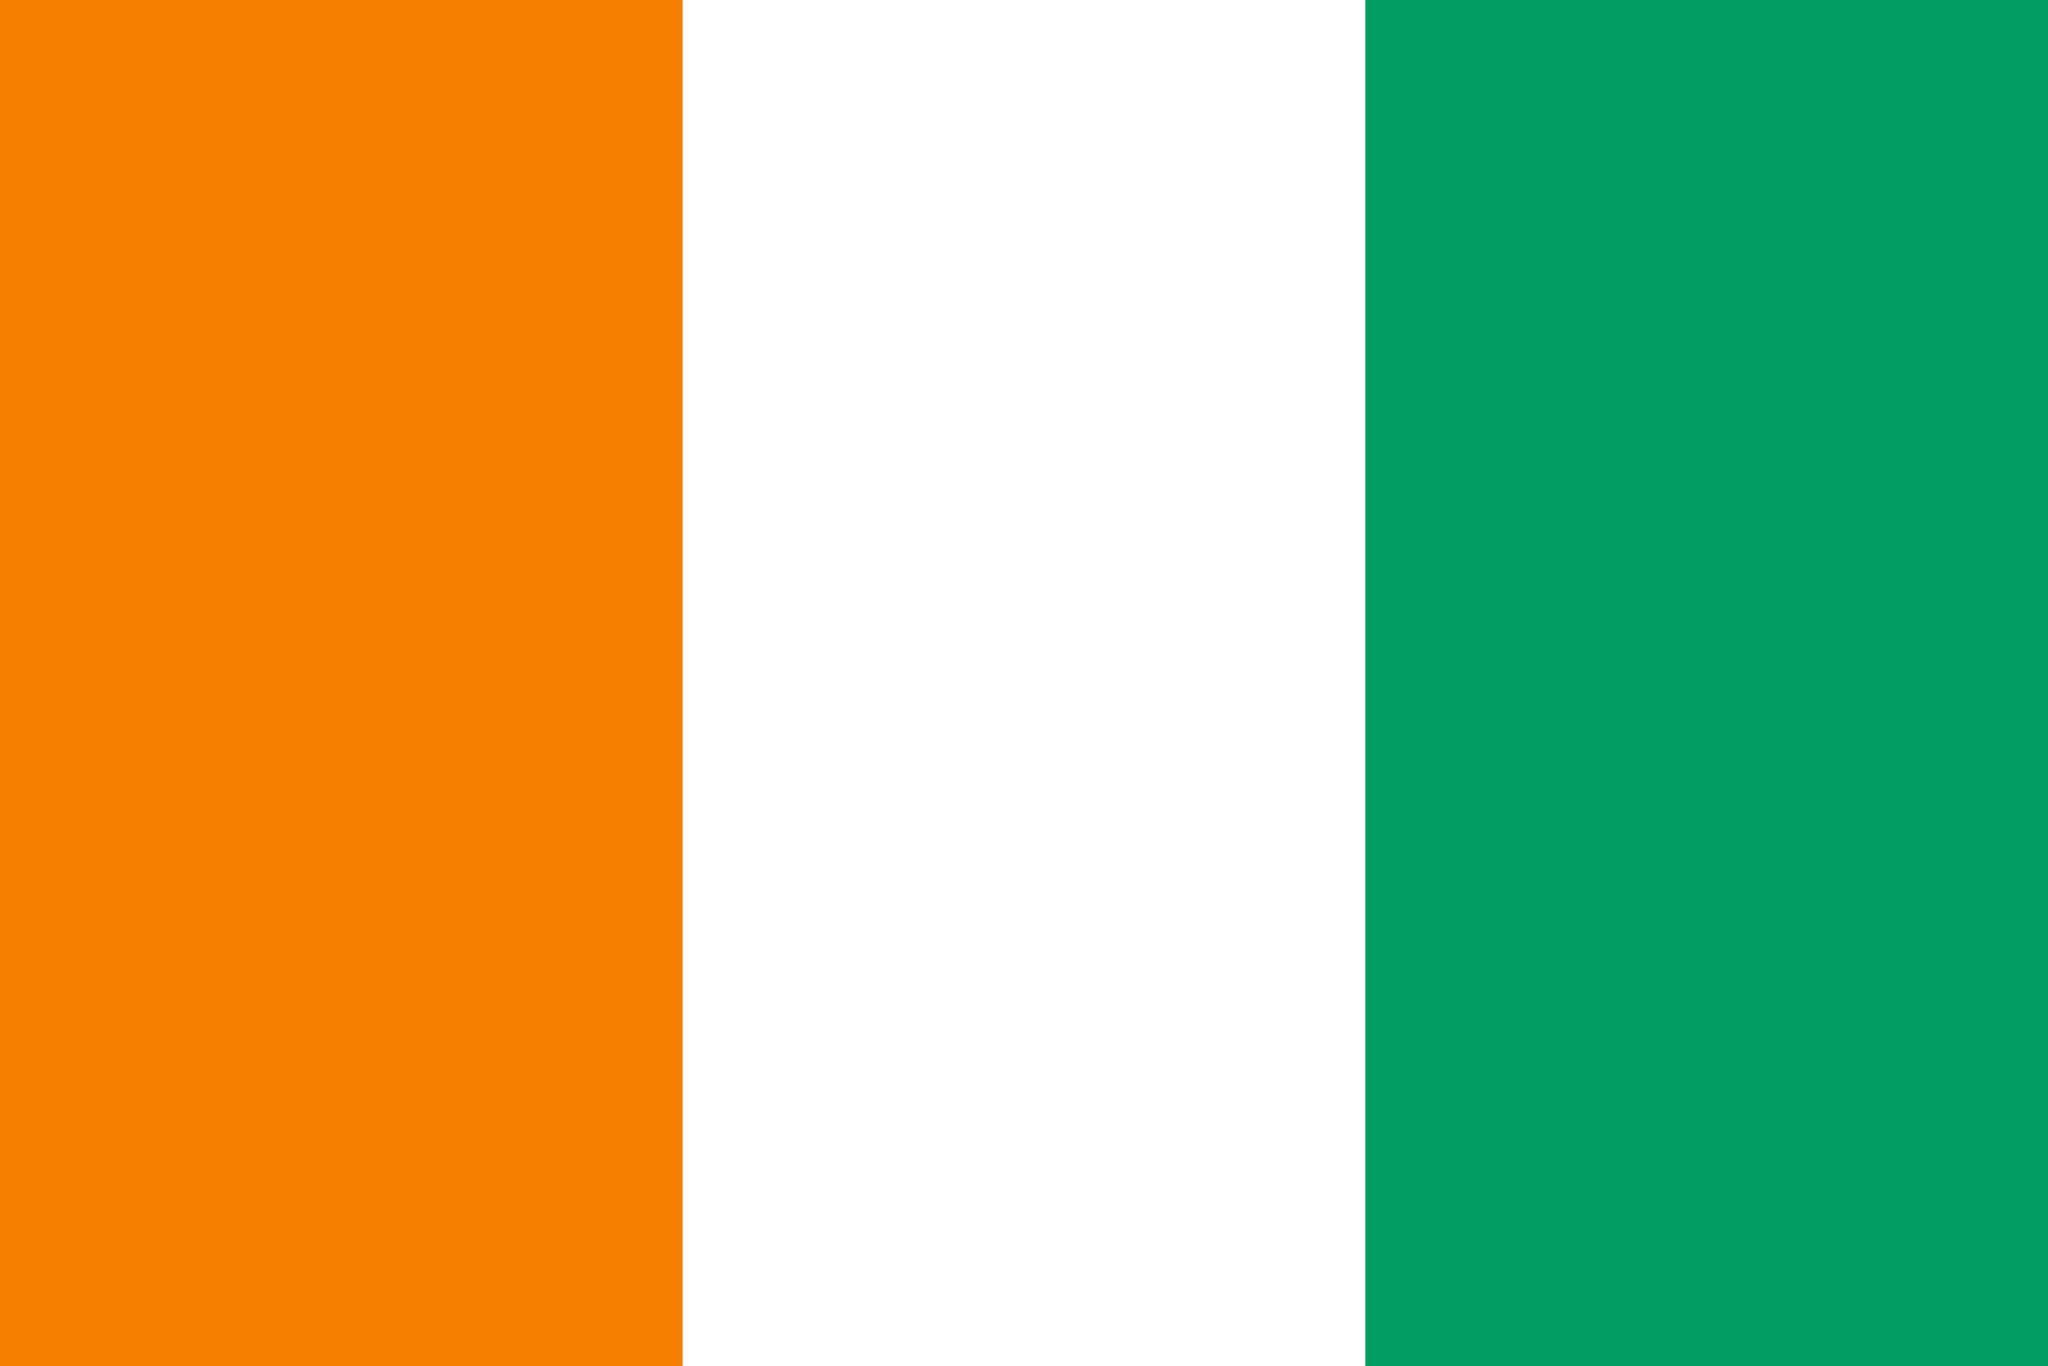 sofaco cote d ivoire victor sofa scs drapeau de la côte 39ivoire drapeaux du pays